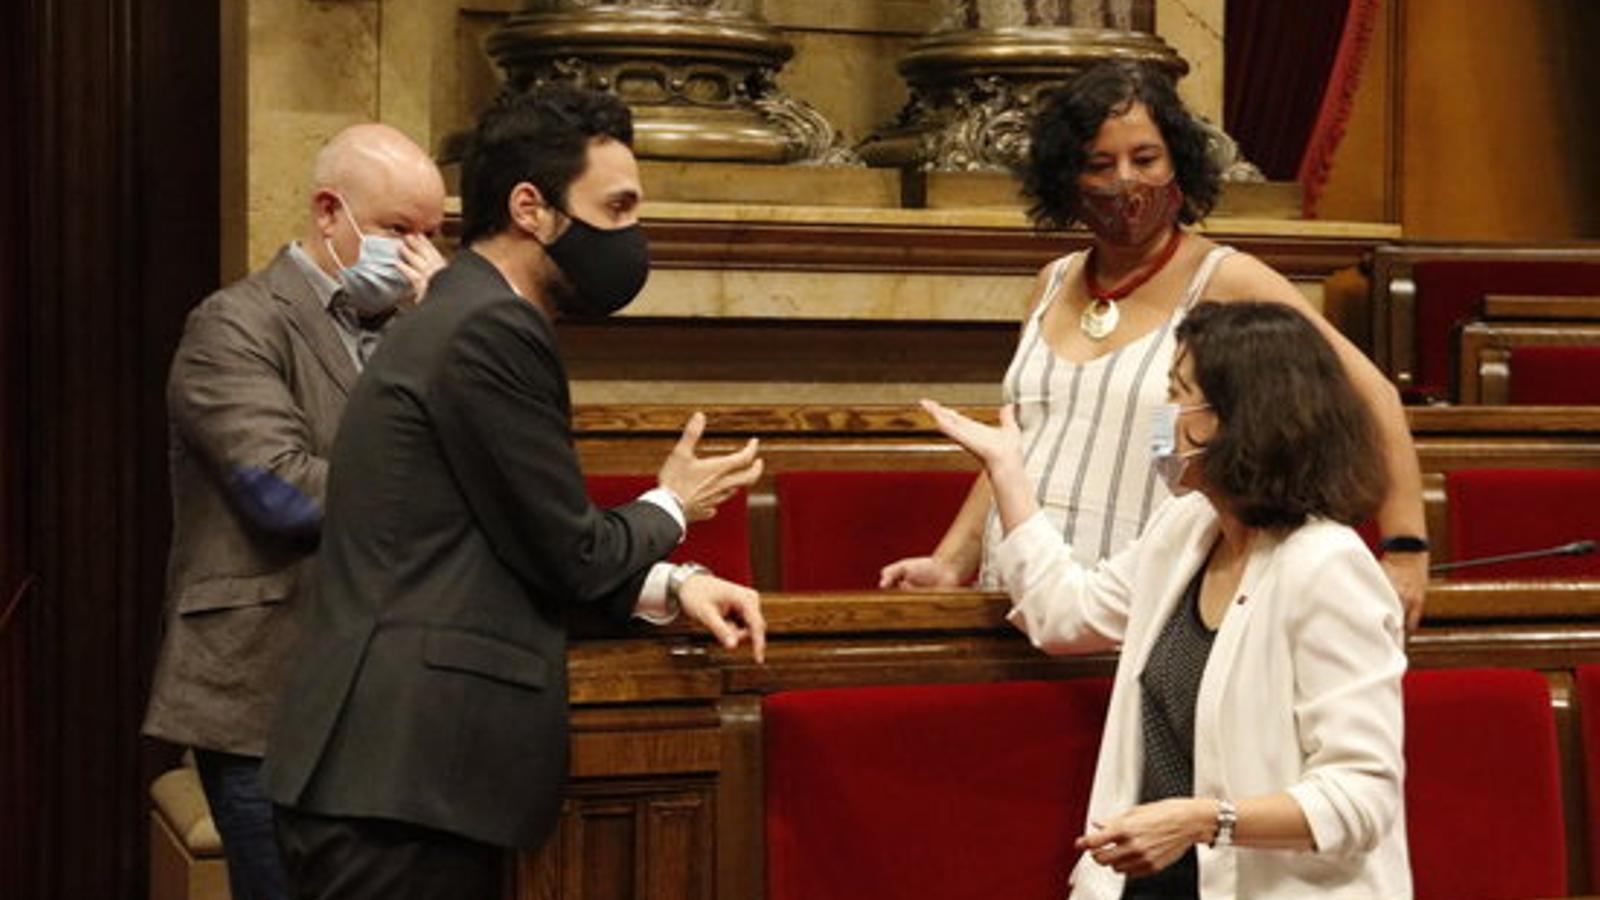 El president del Parlament, Roger Torrent, parlant amb la diputada del PSC Eva Granados, i la diputada de Catalunya en Comú-Podem Susanna Segovia, aquest matí a l'hemicicle